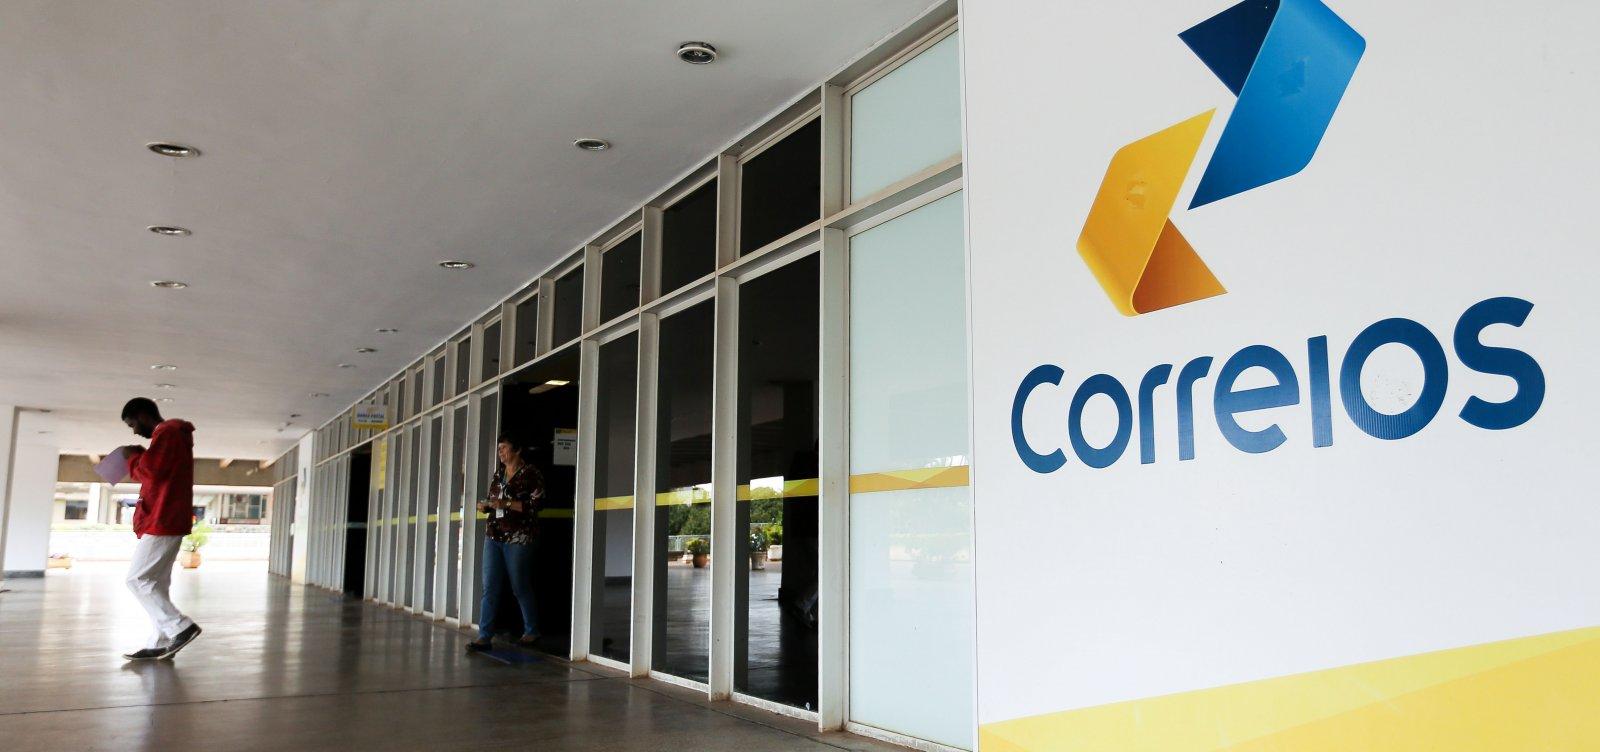 [Privatização dos Correios ganha força no governo, diz Bolsonaro]